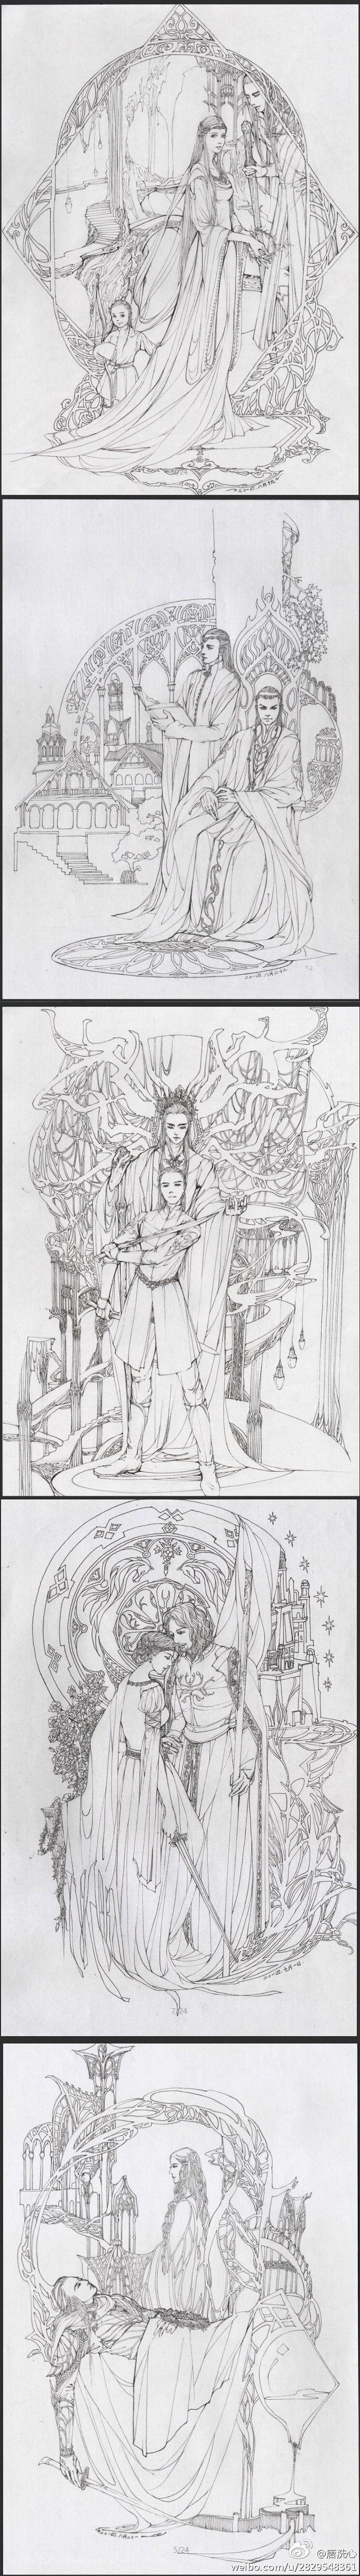 Thranduil y su familia; Elrond y Lundir; Тhranduil y Legolas; Eowyn y Faramir, Galadriel y Celebrimbor?